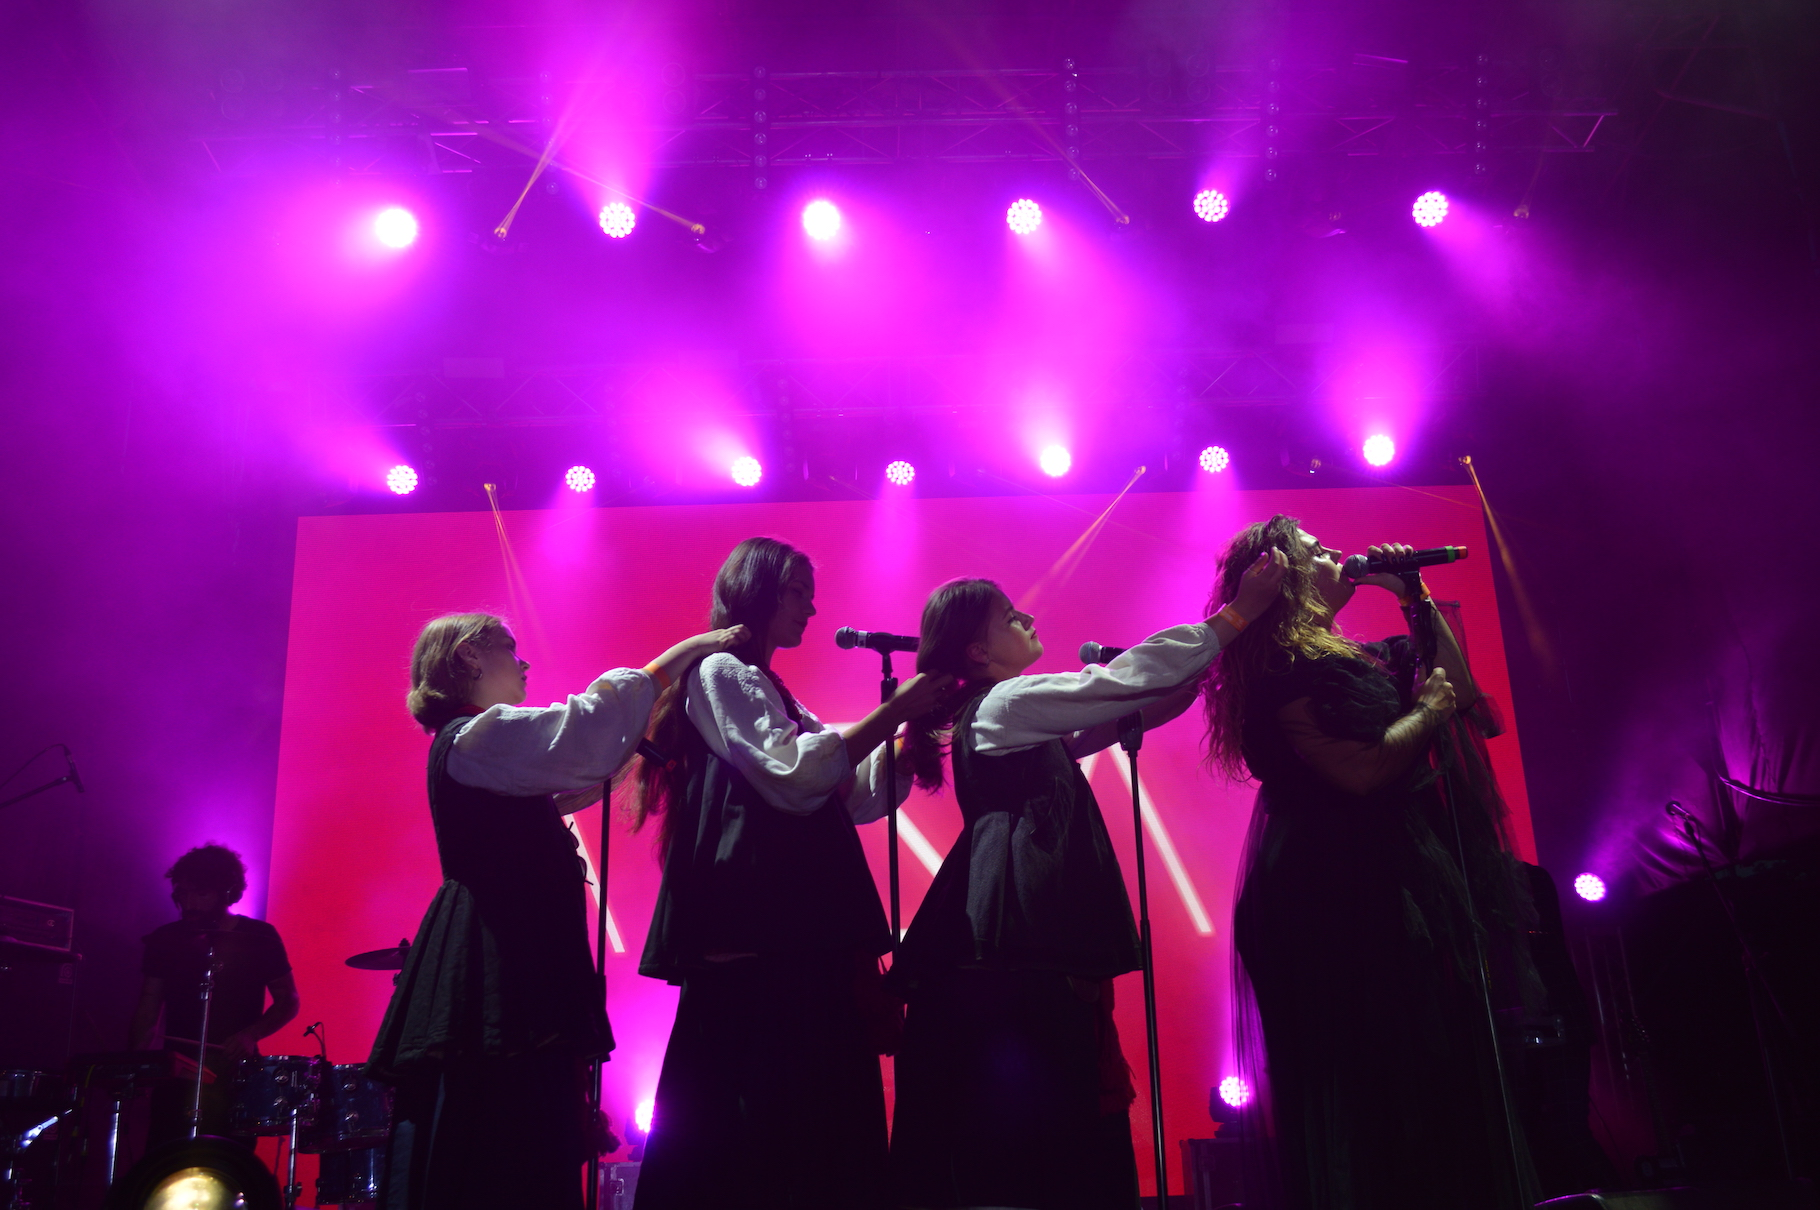 Хіт поп-гурту змусив меломанів вивчити українську в соцмережах